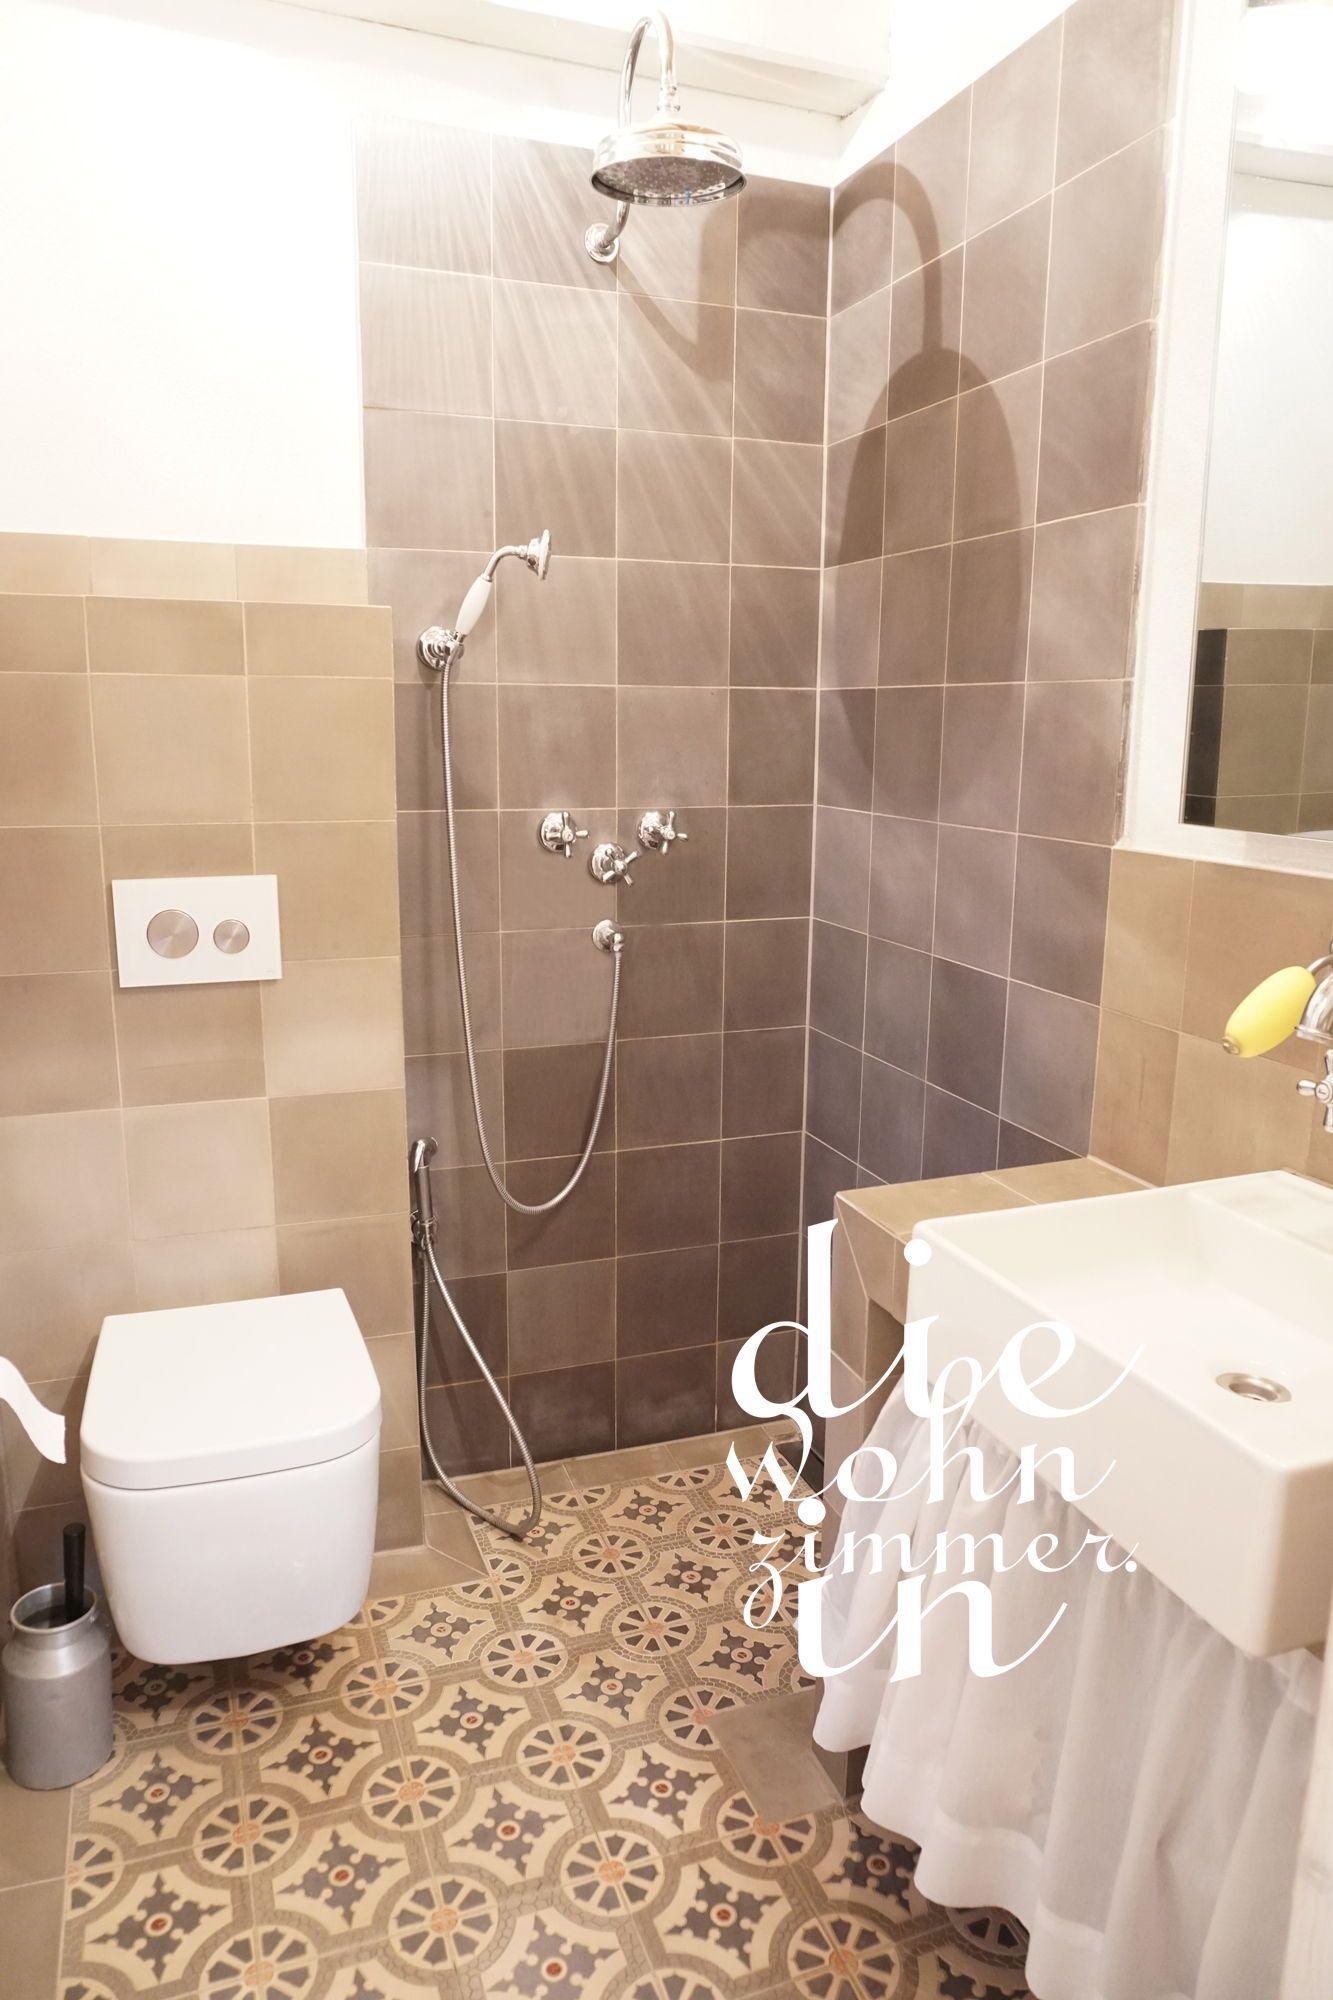 Dusche mit zementfliesen Armaturen von manufactum